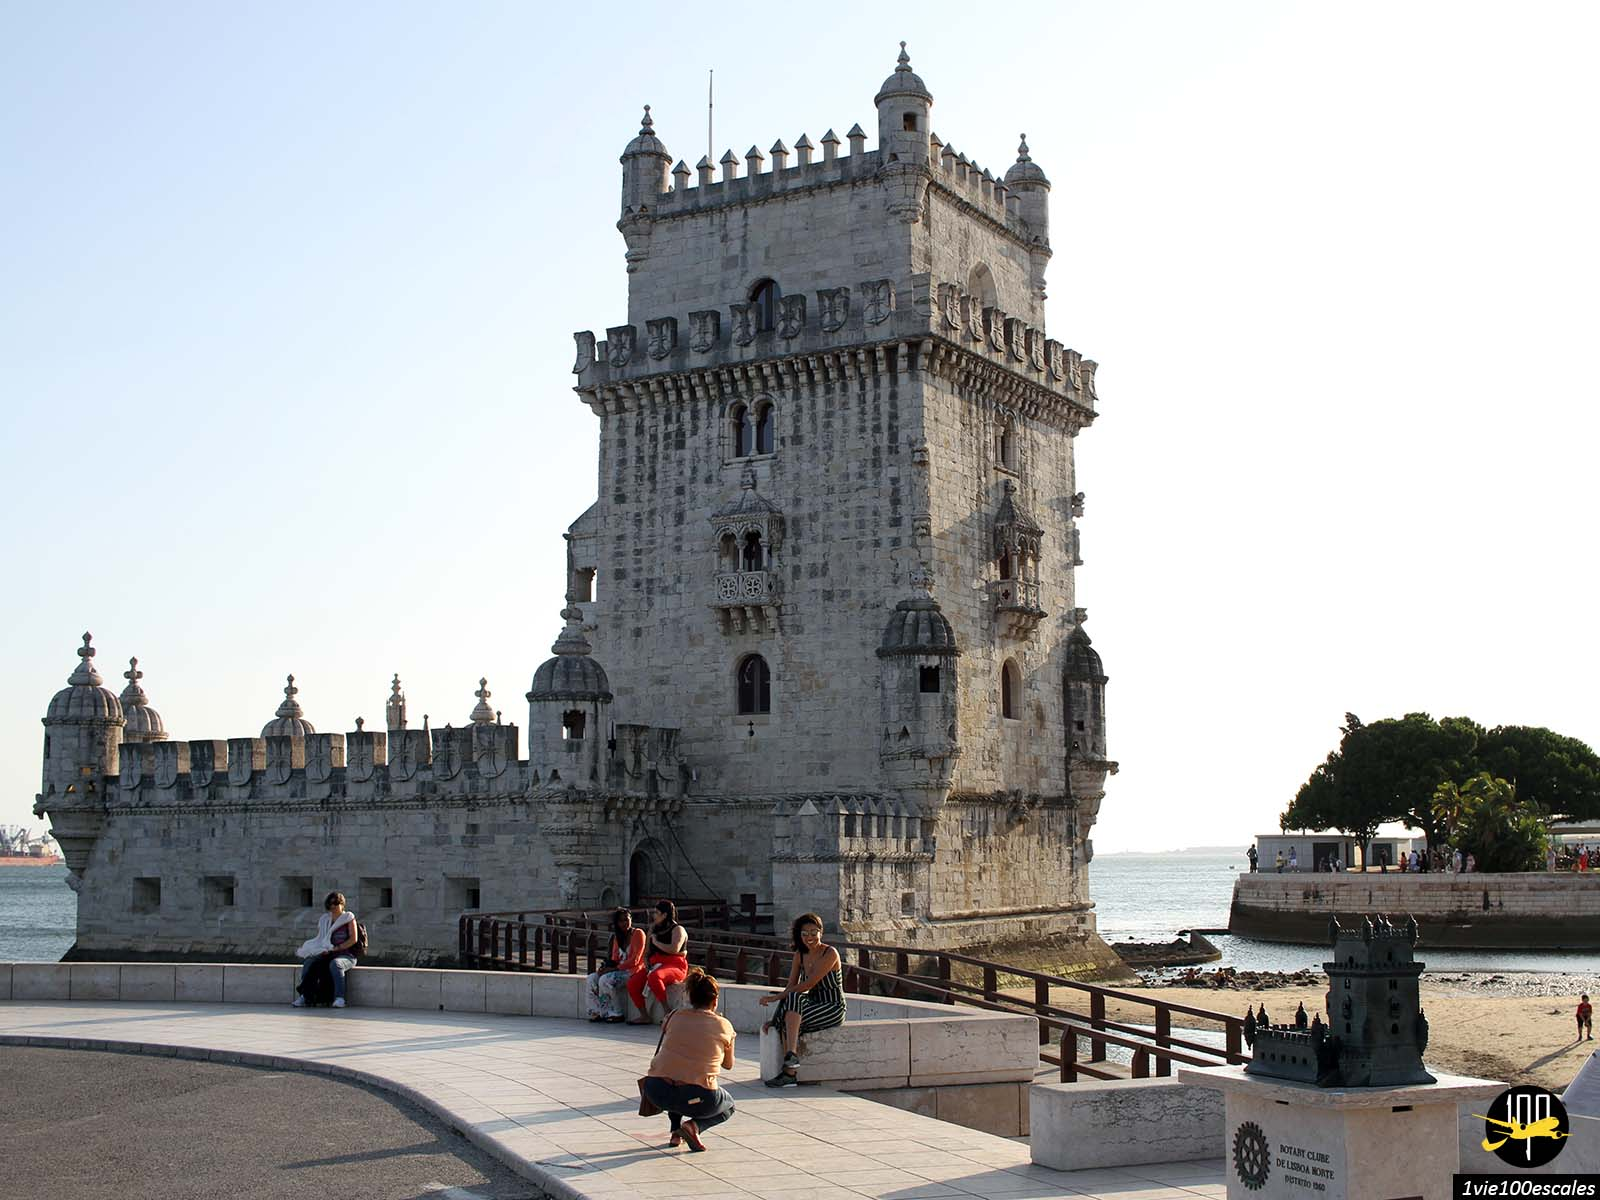 La tour de Belém a été construite sur les bords du Tage pour garder l'entrée du port de Lisbonne